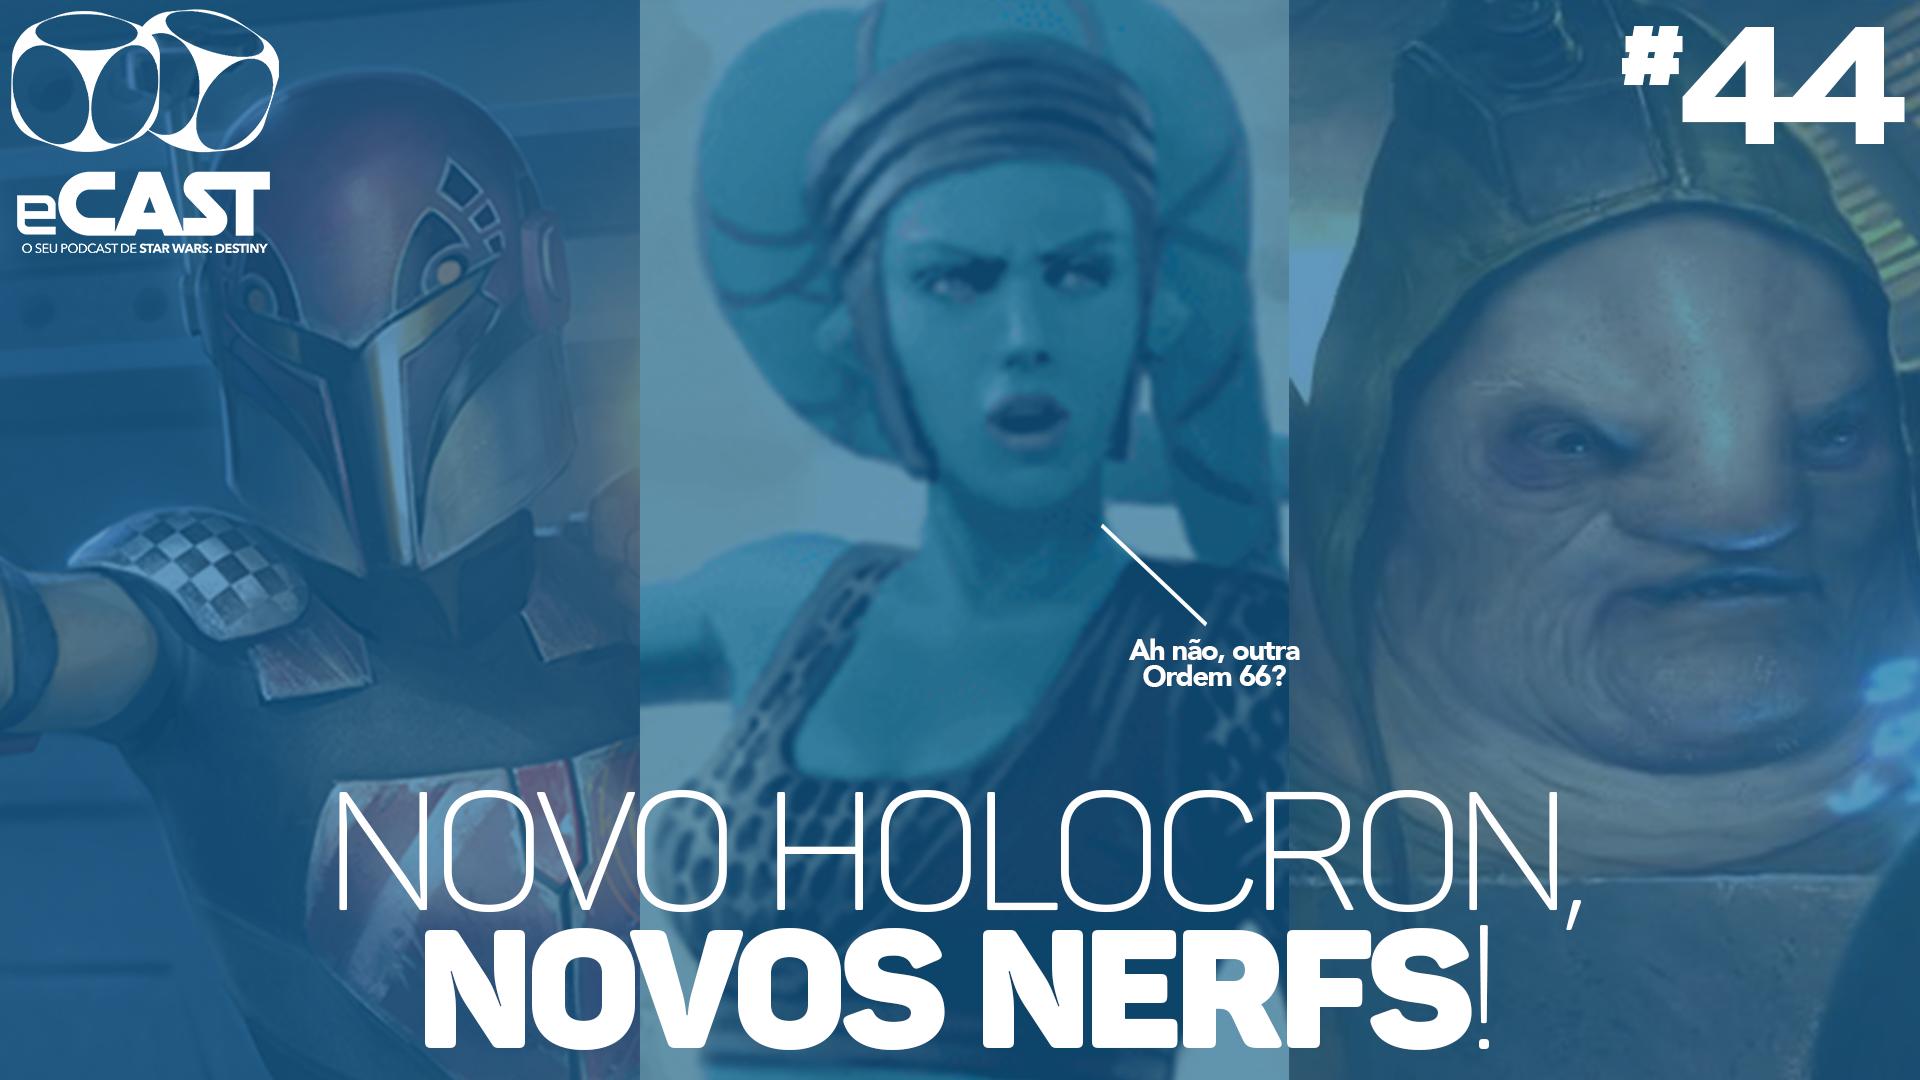 eCast 44 – Novo Holocron, novos nerfs!